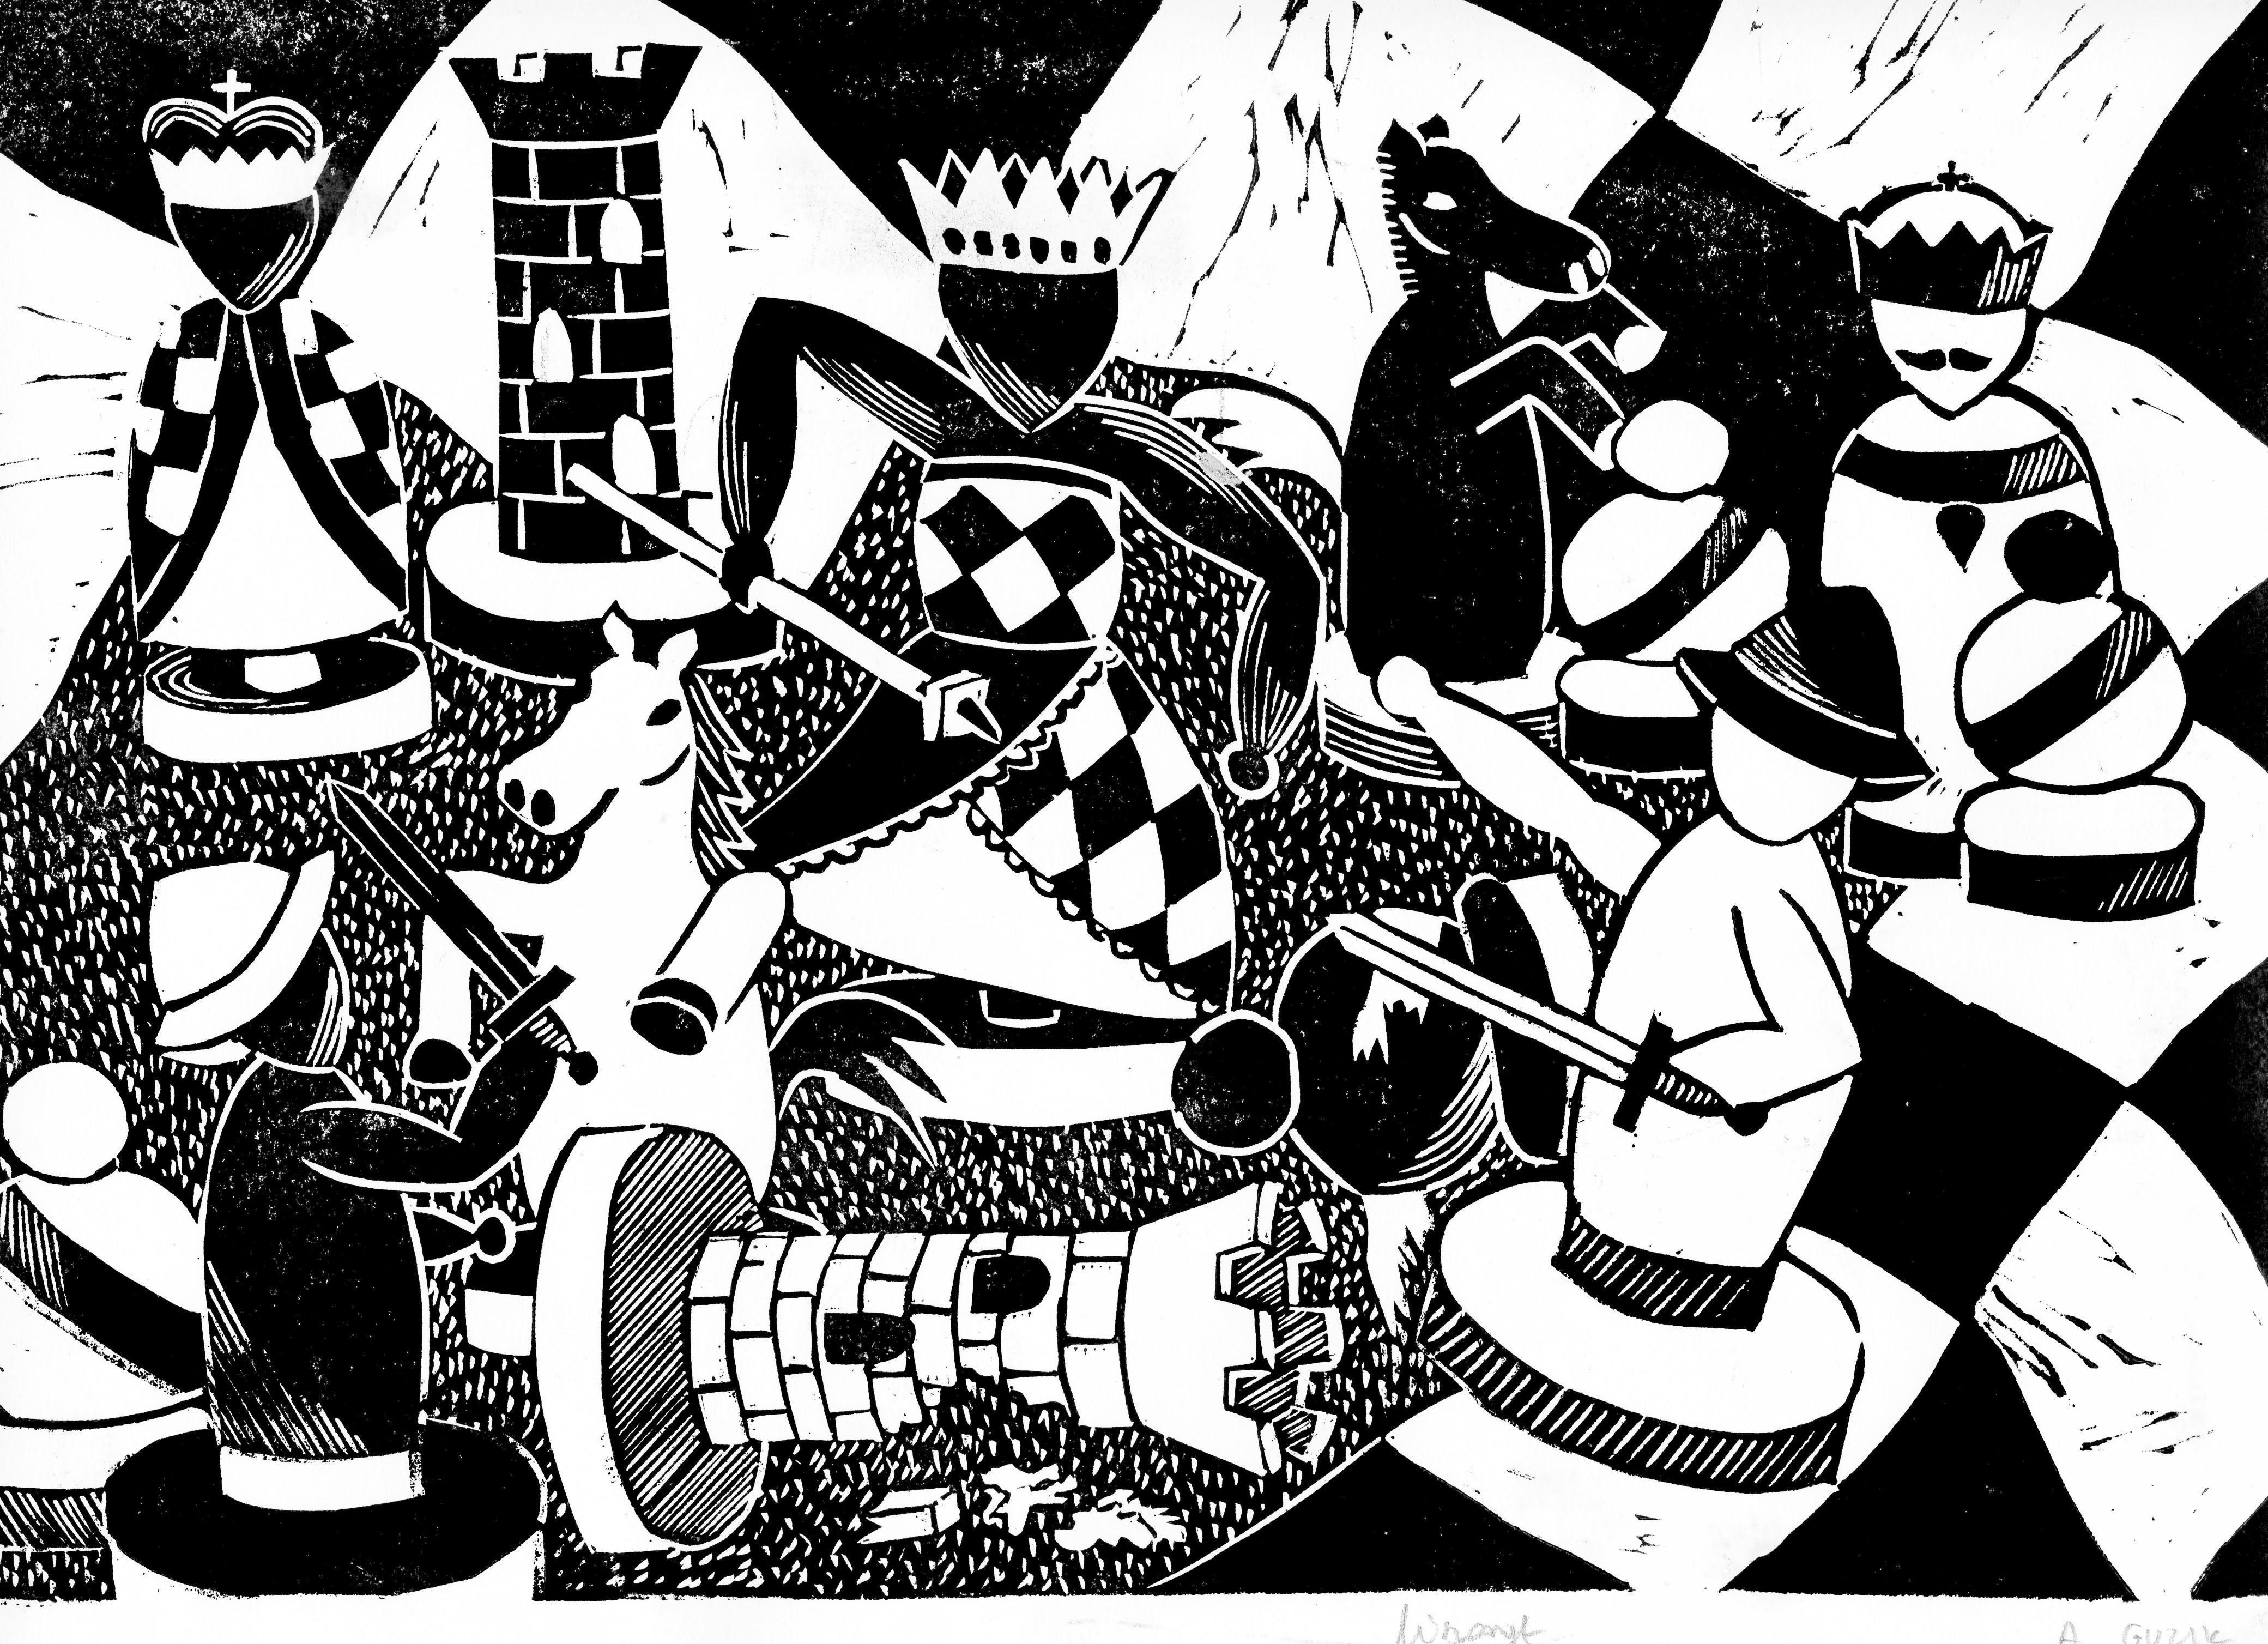 Rysunek – Alicja Guzik (lat 20, PCK w Nowym Targu). Konkurs KRÓLEWSKA GRA – SZACHY (wyróżnienie), MDK Śródmieście Wrocław, listopad 2015.